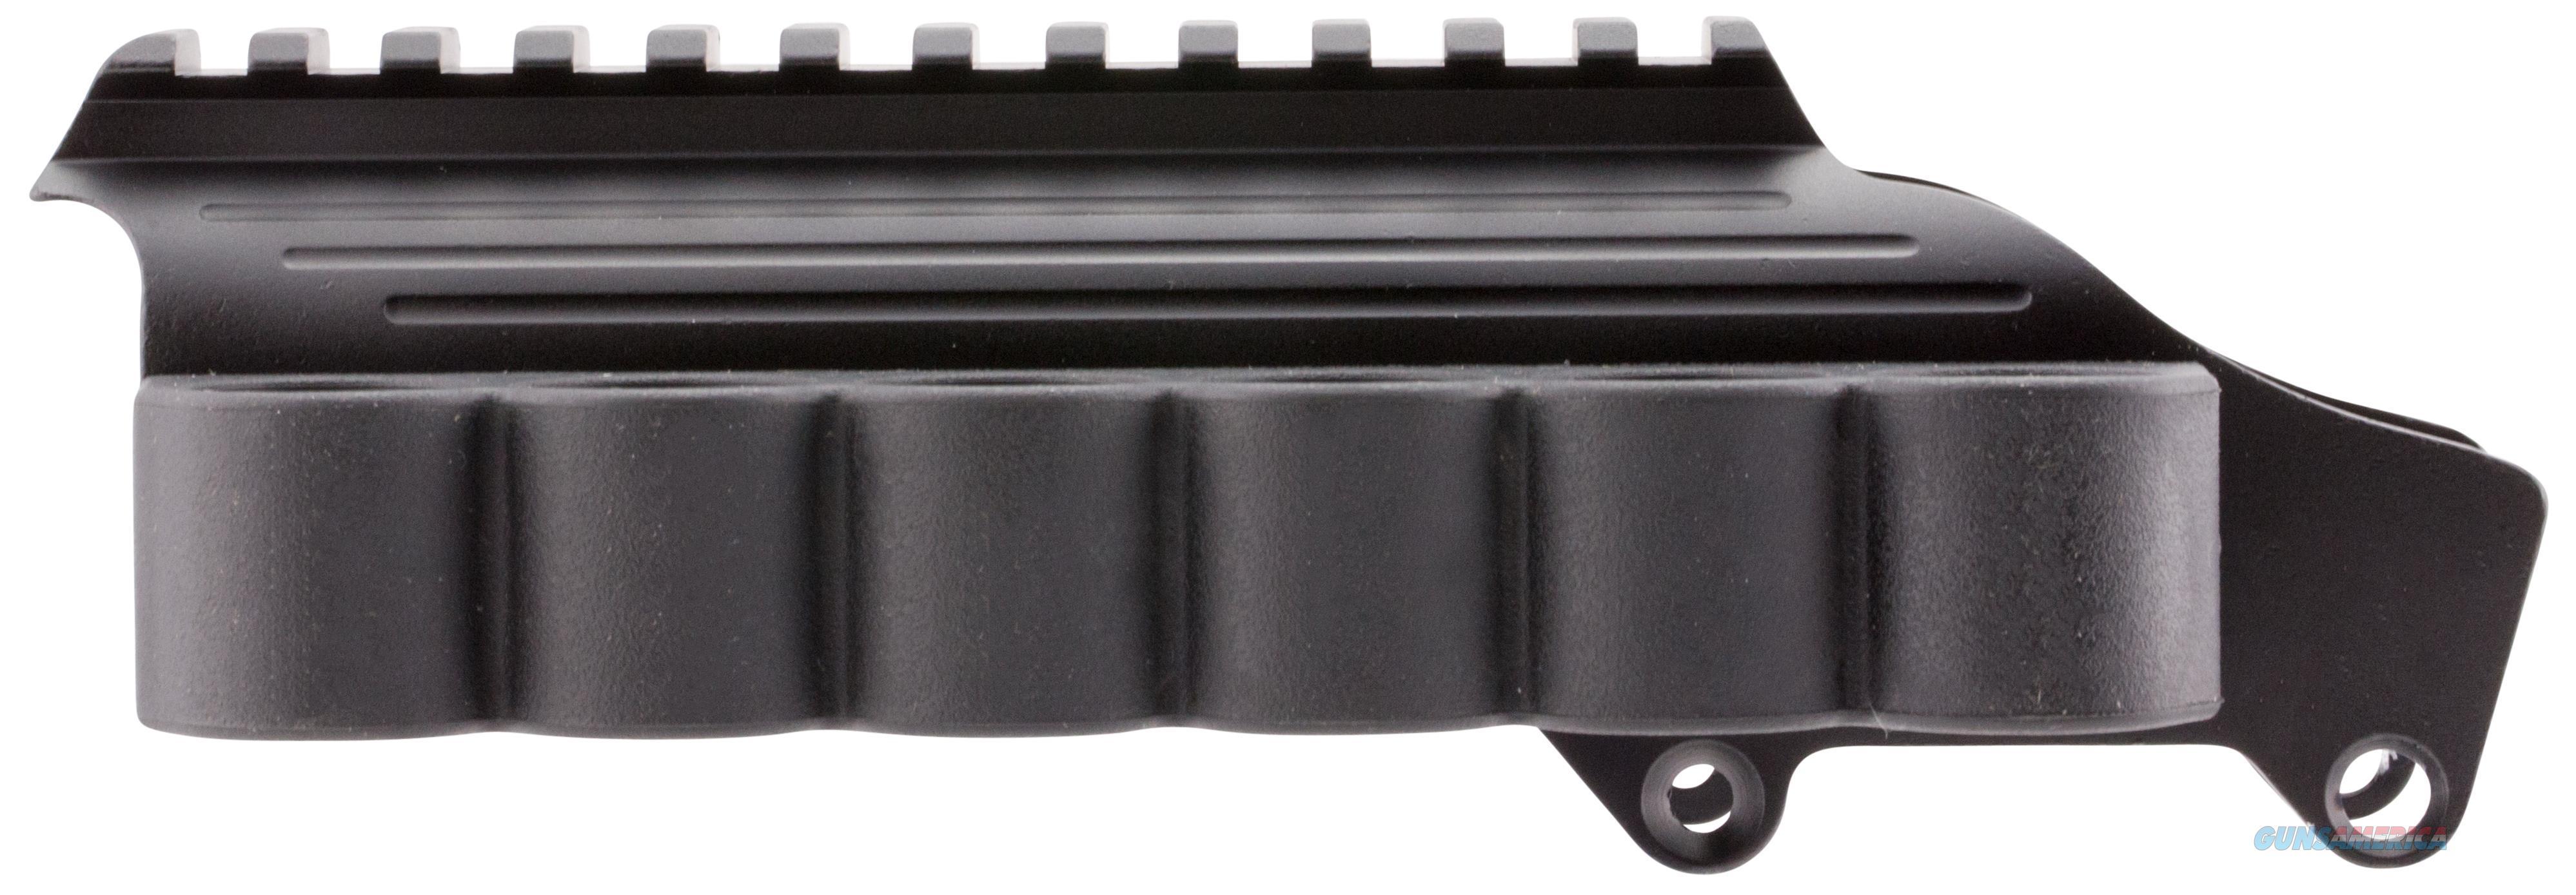 Tacstar 1081035 Shotgun Rail Mount With Sidesaddle 6 Rounds 12 Gauge Rem 870/1100/11-87 Black Aluminum/Rubber 1081035  Non-Guns > Gun Parts > Misc > Rifles